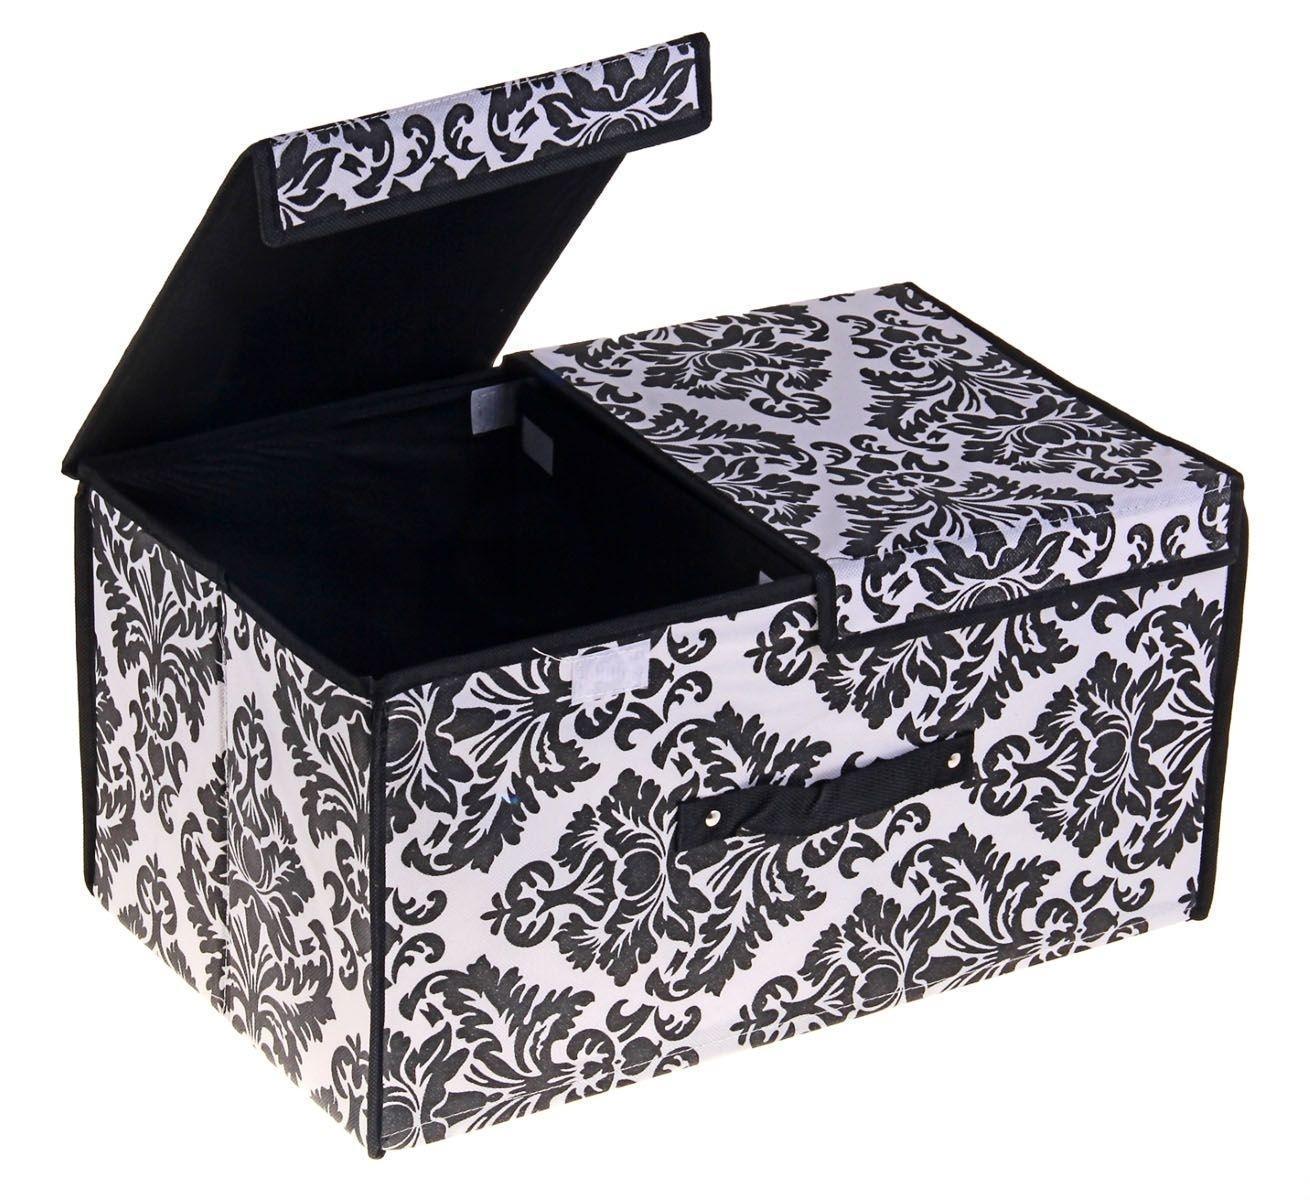 контейнер для хранения (жесткий) 50*30*25см 709728 событие и вещи